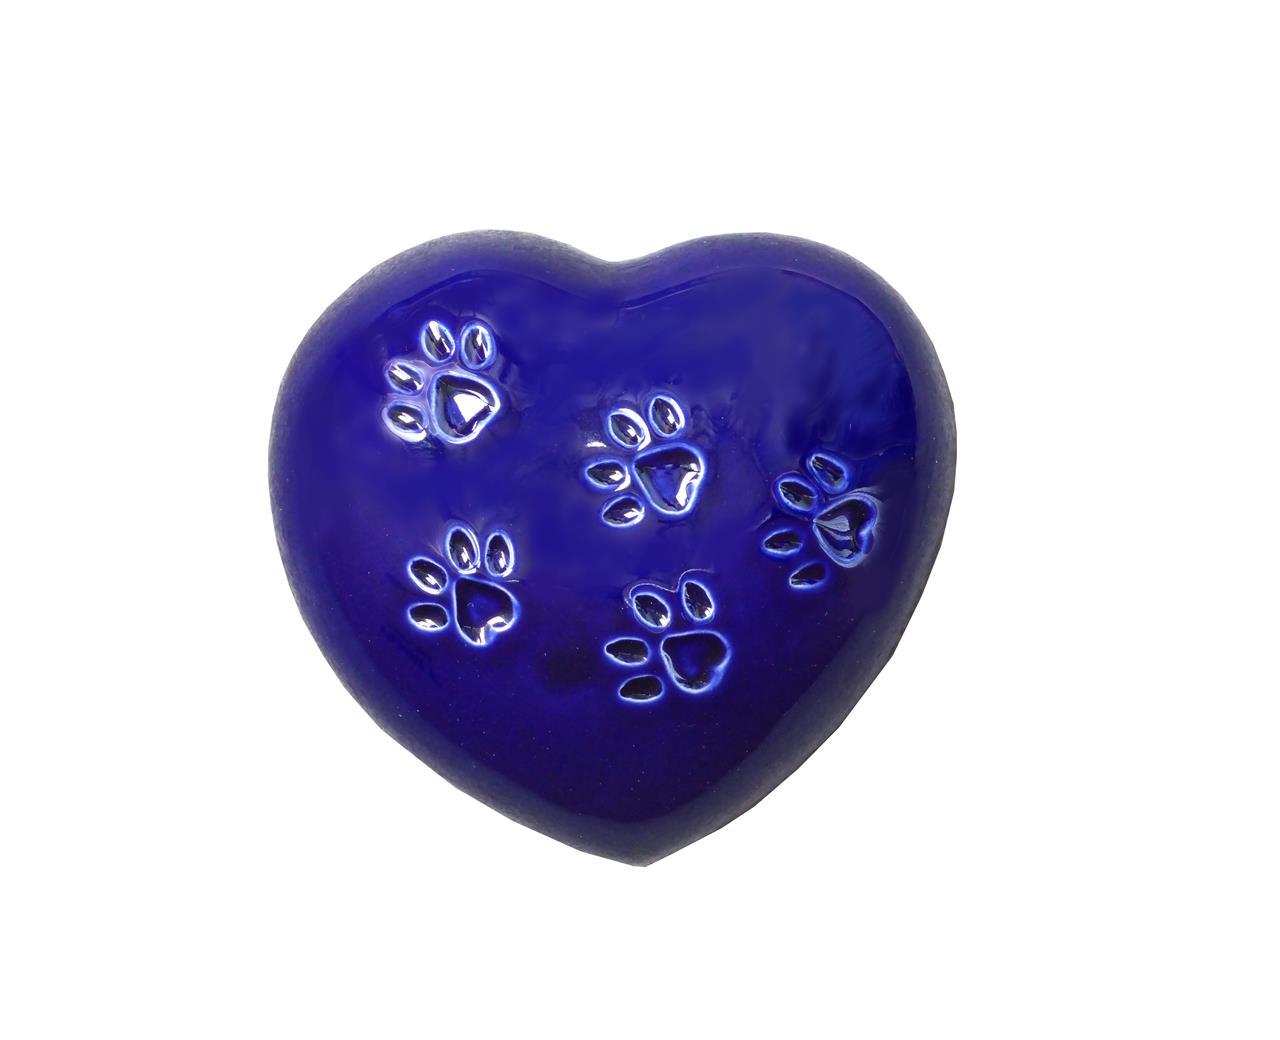 Urna cuore blu animali - Bertoncello Graziano